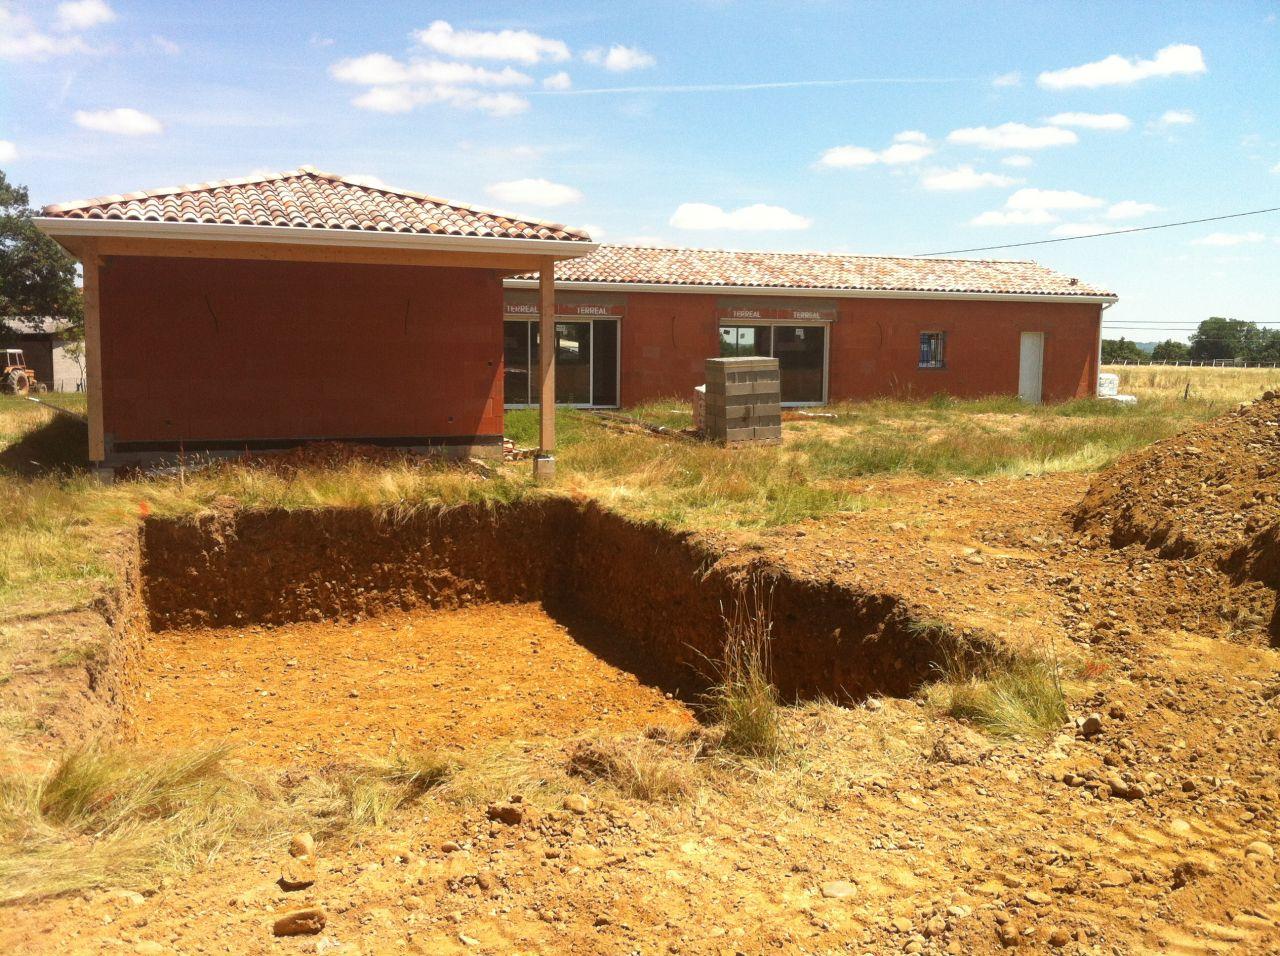 Fondations de la piscine creusées